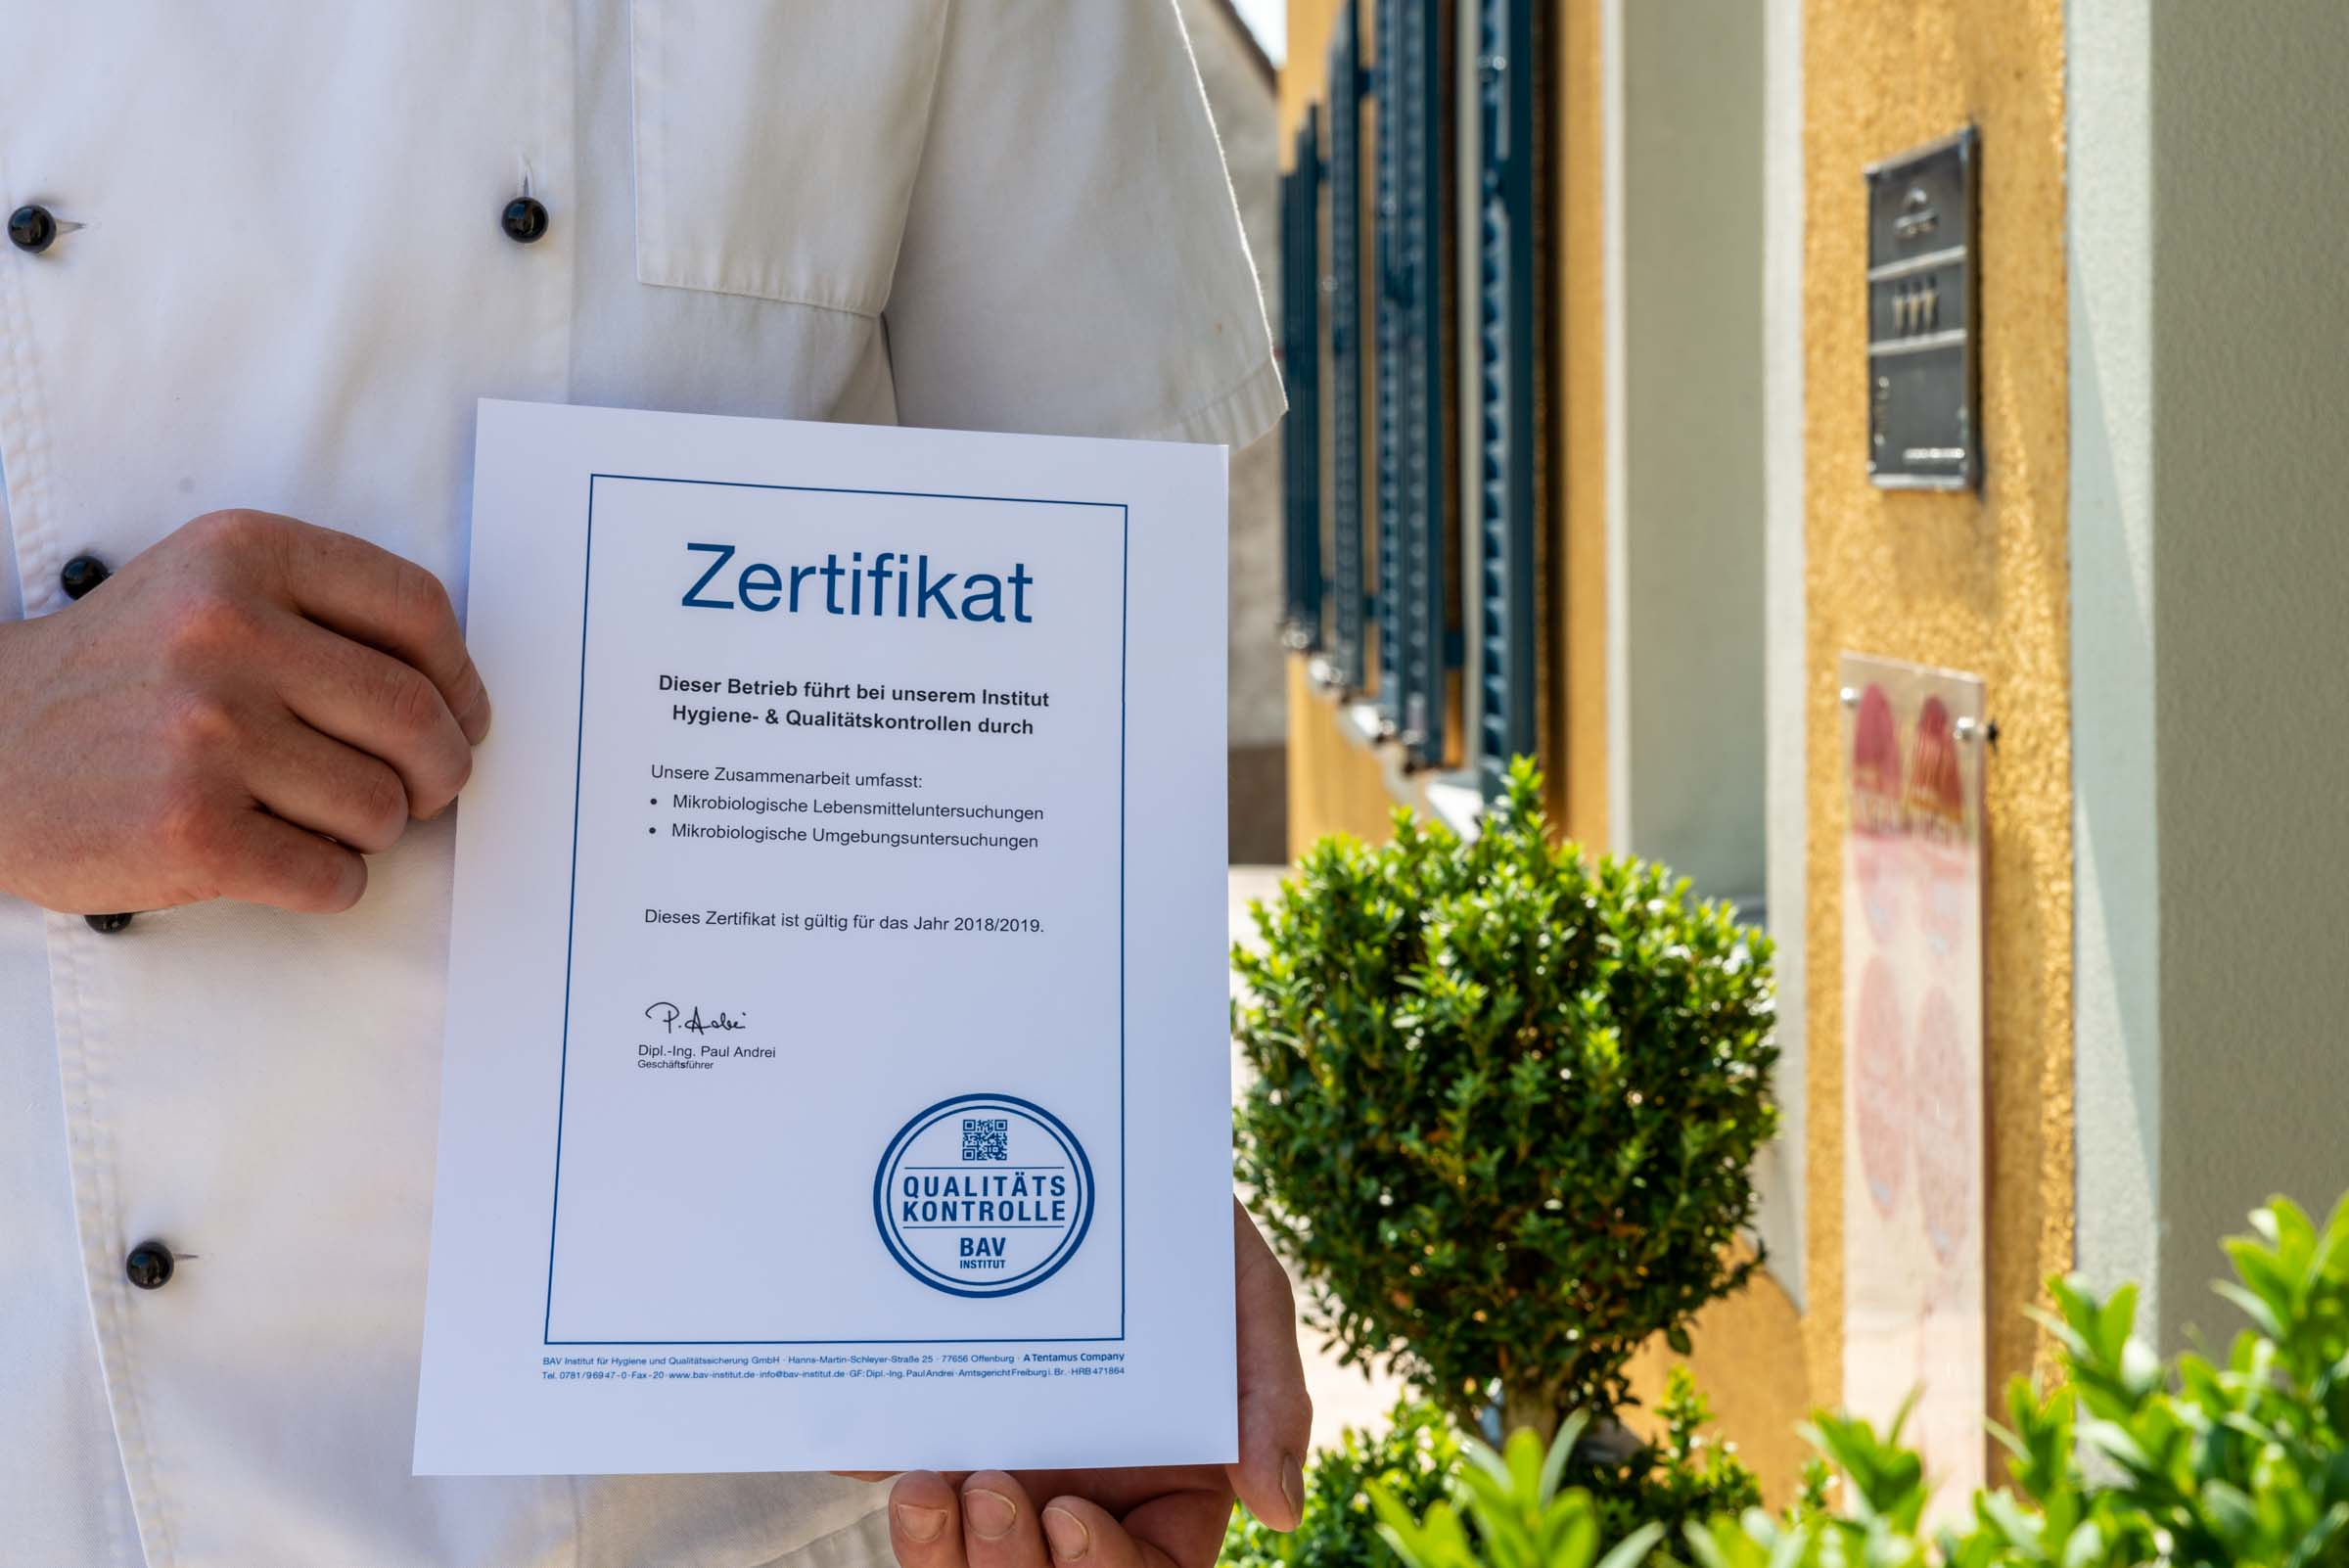 Landhotel Klozbücher Ellwangen-Eggenrot Zertifikat